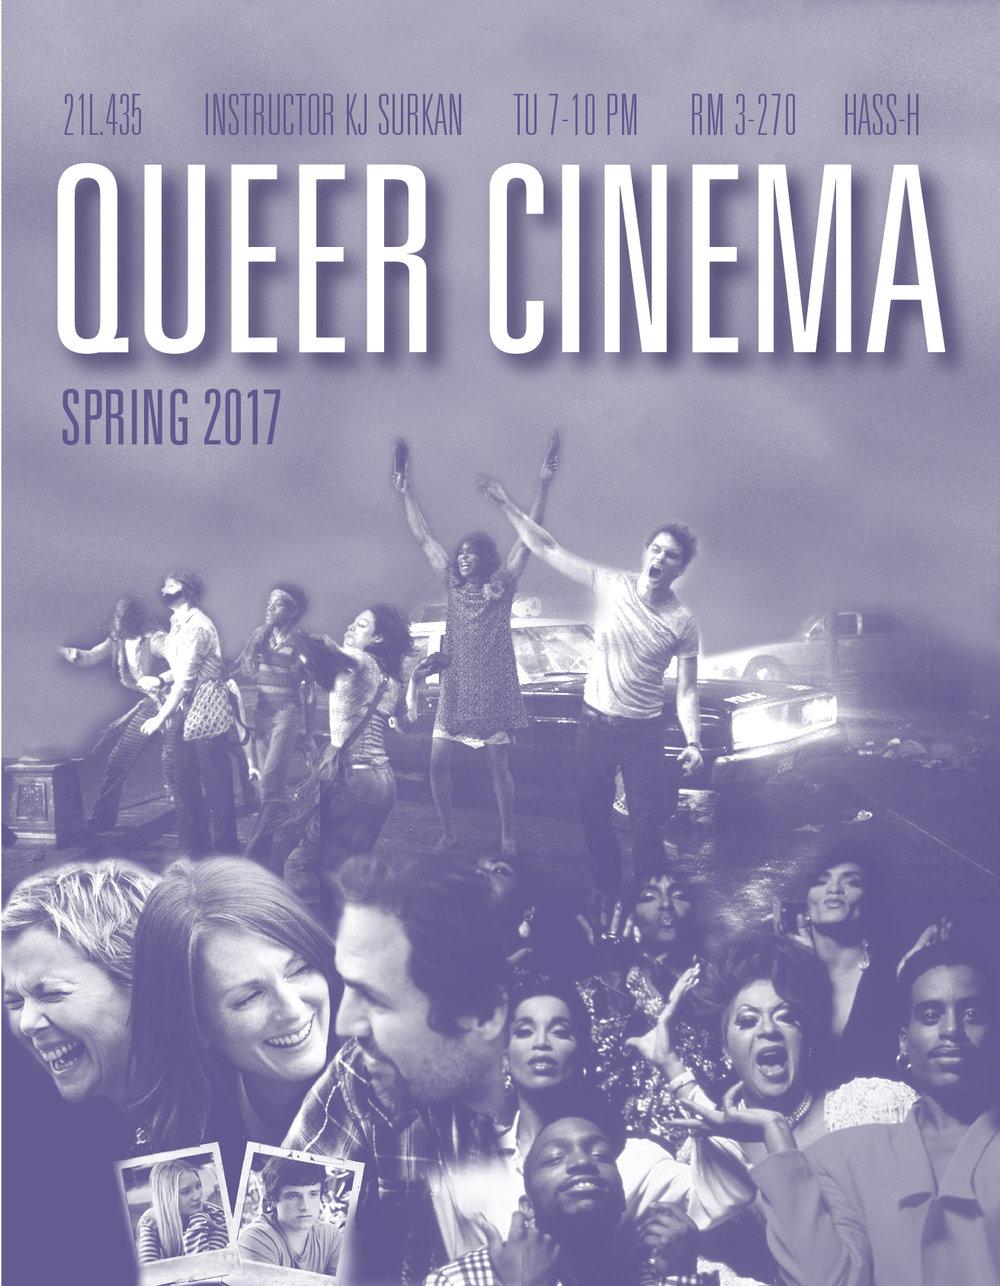 21L.435-Queer-Cinema-01.jpg